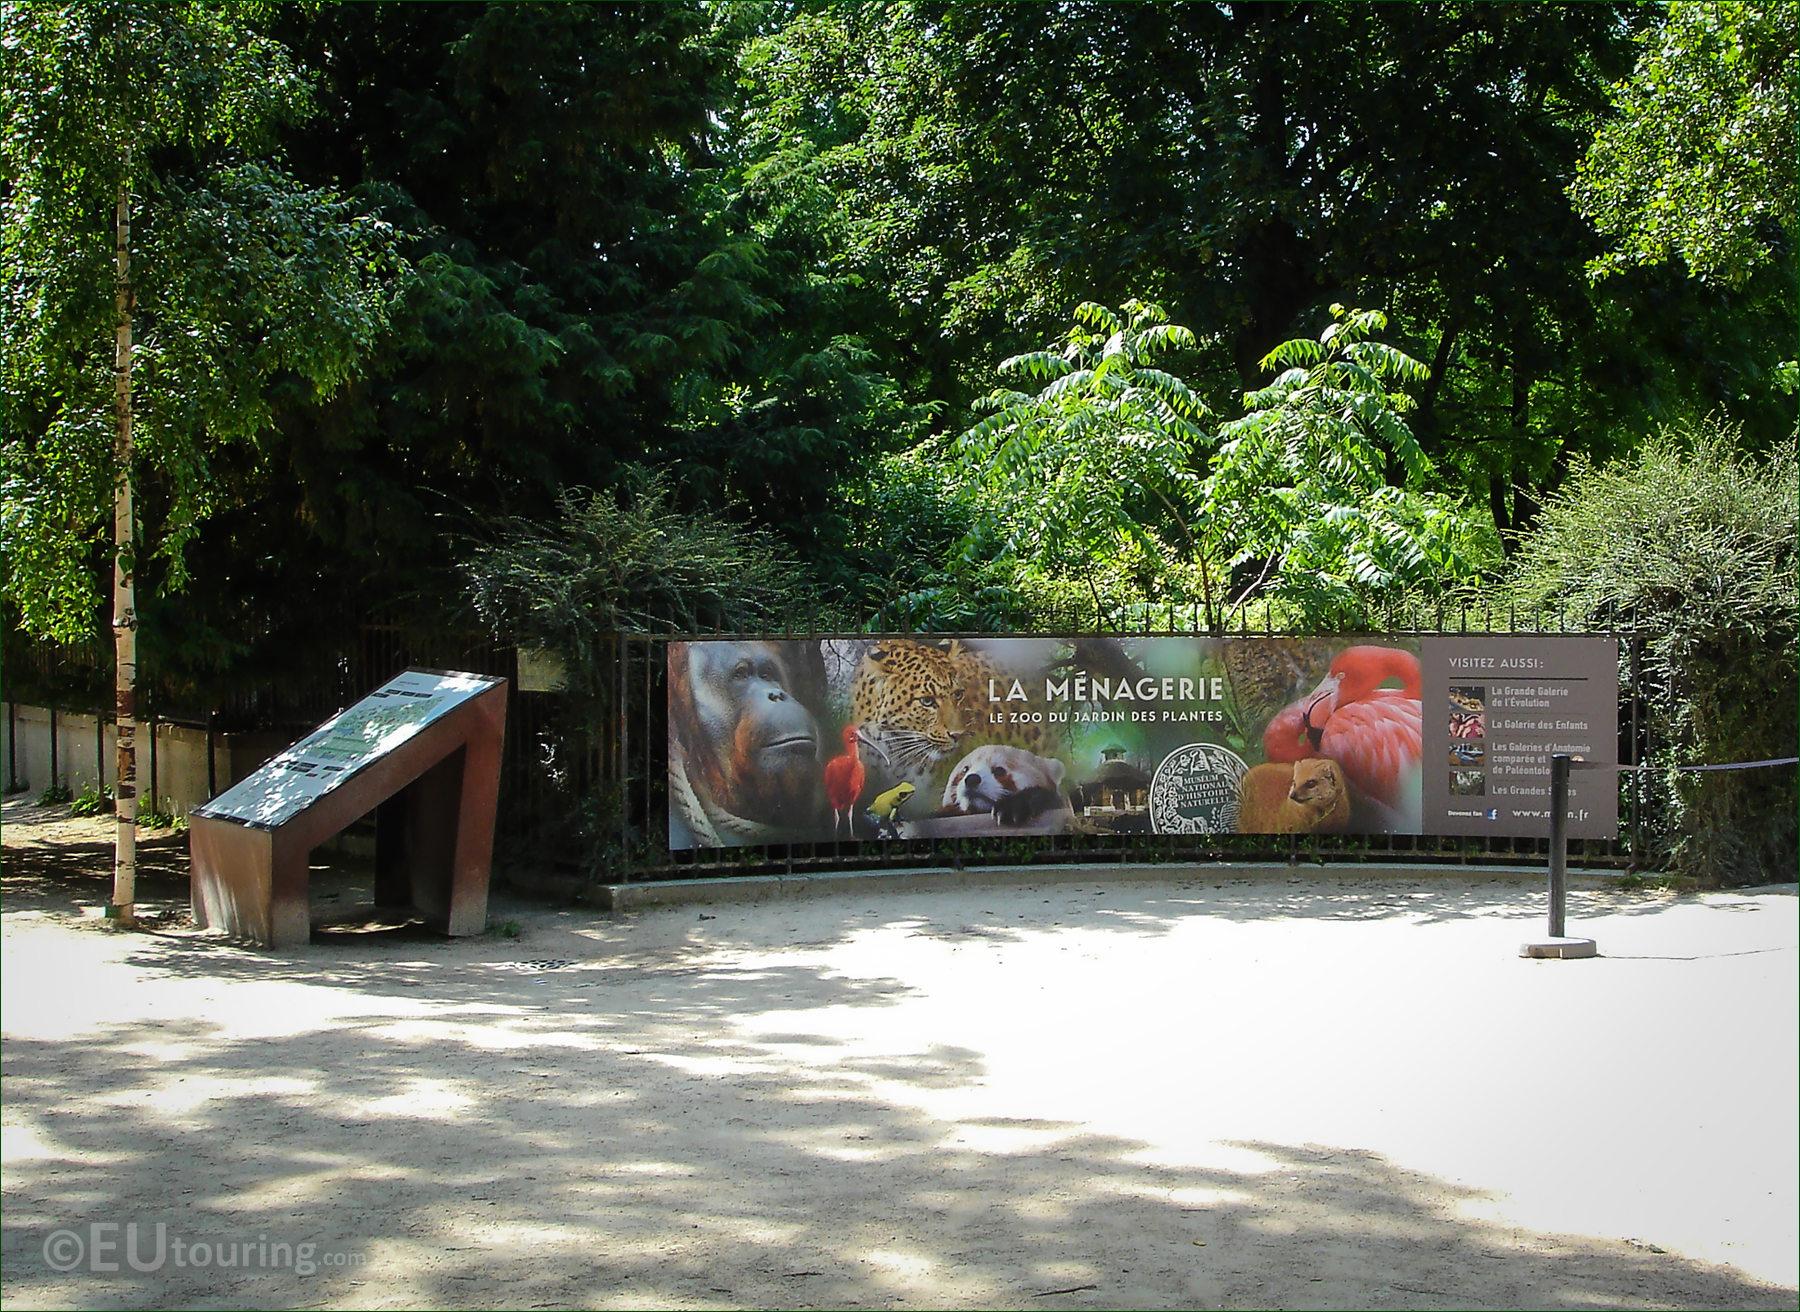 Hd photographs of jardin des plantes in paris france - Zoo de paris jardin des plantes ...